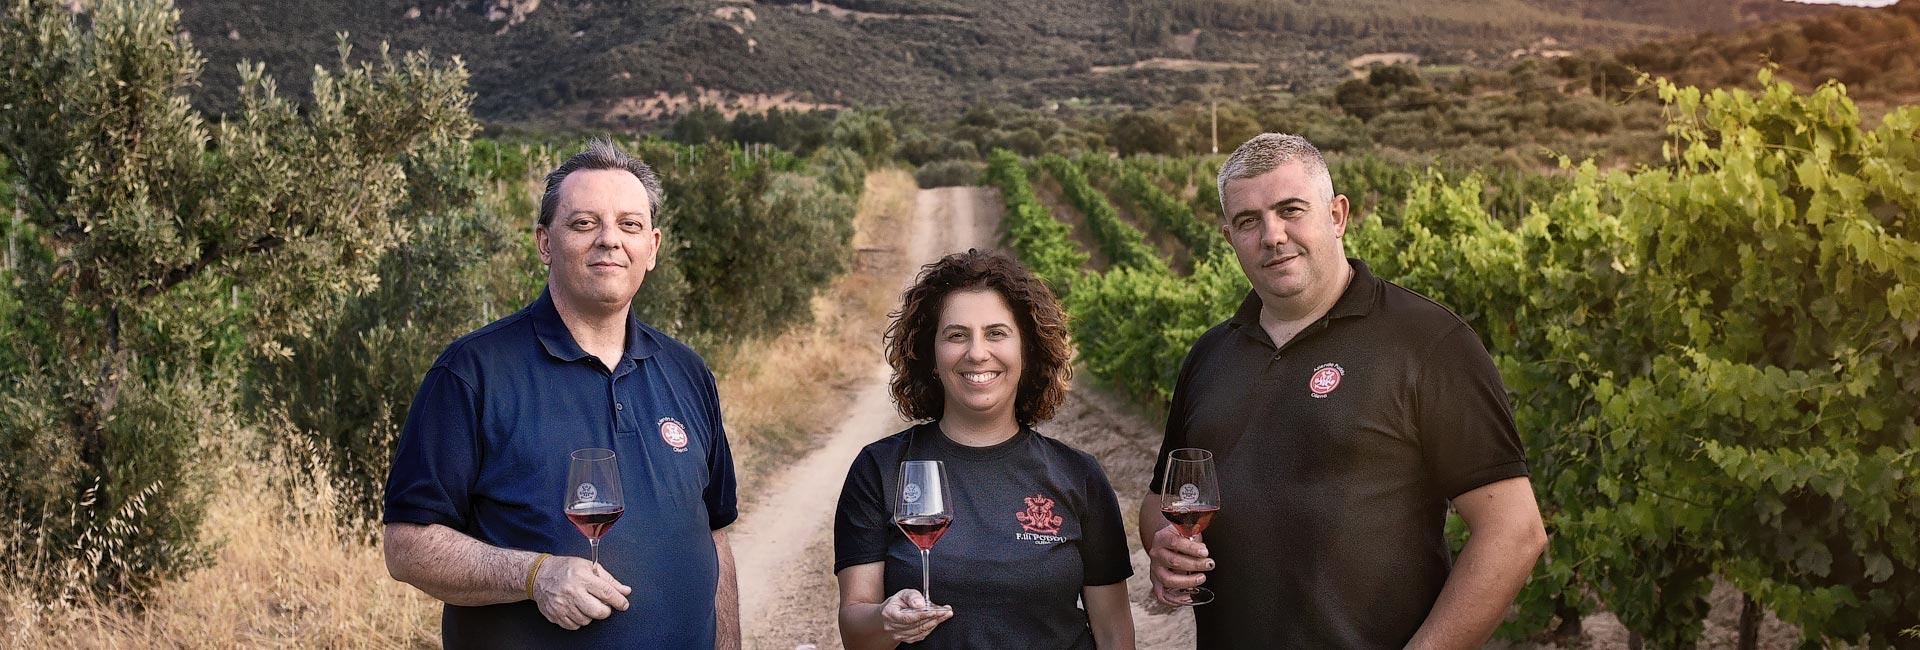 Storia dell'azienda vitivinicola Puddu